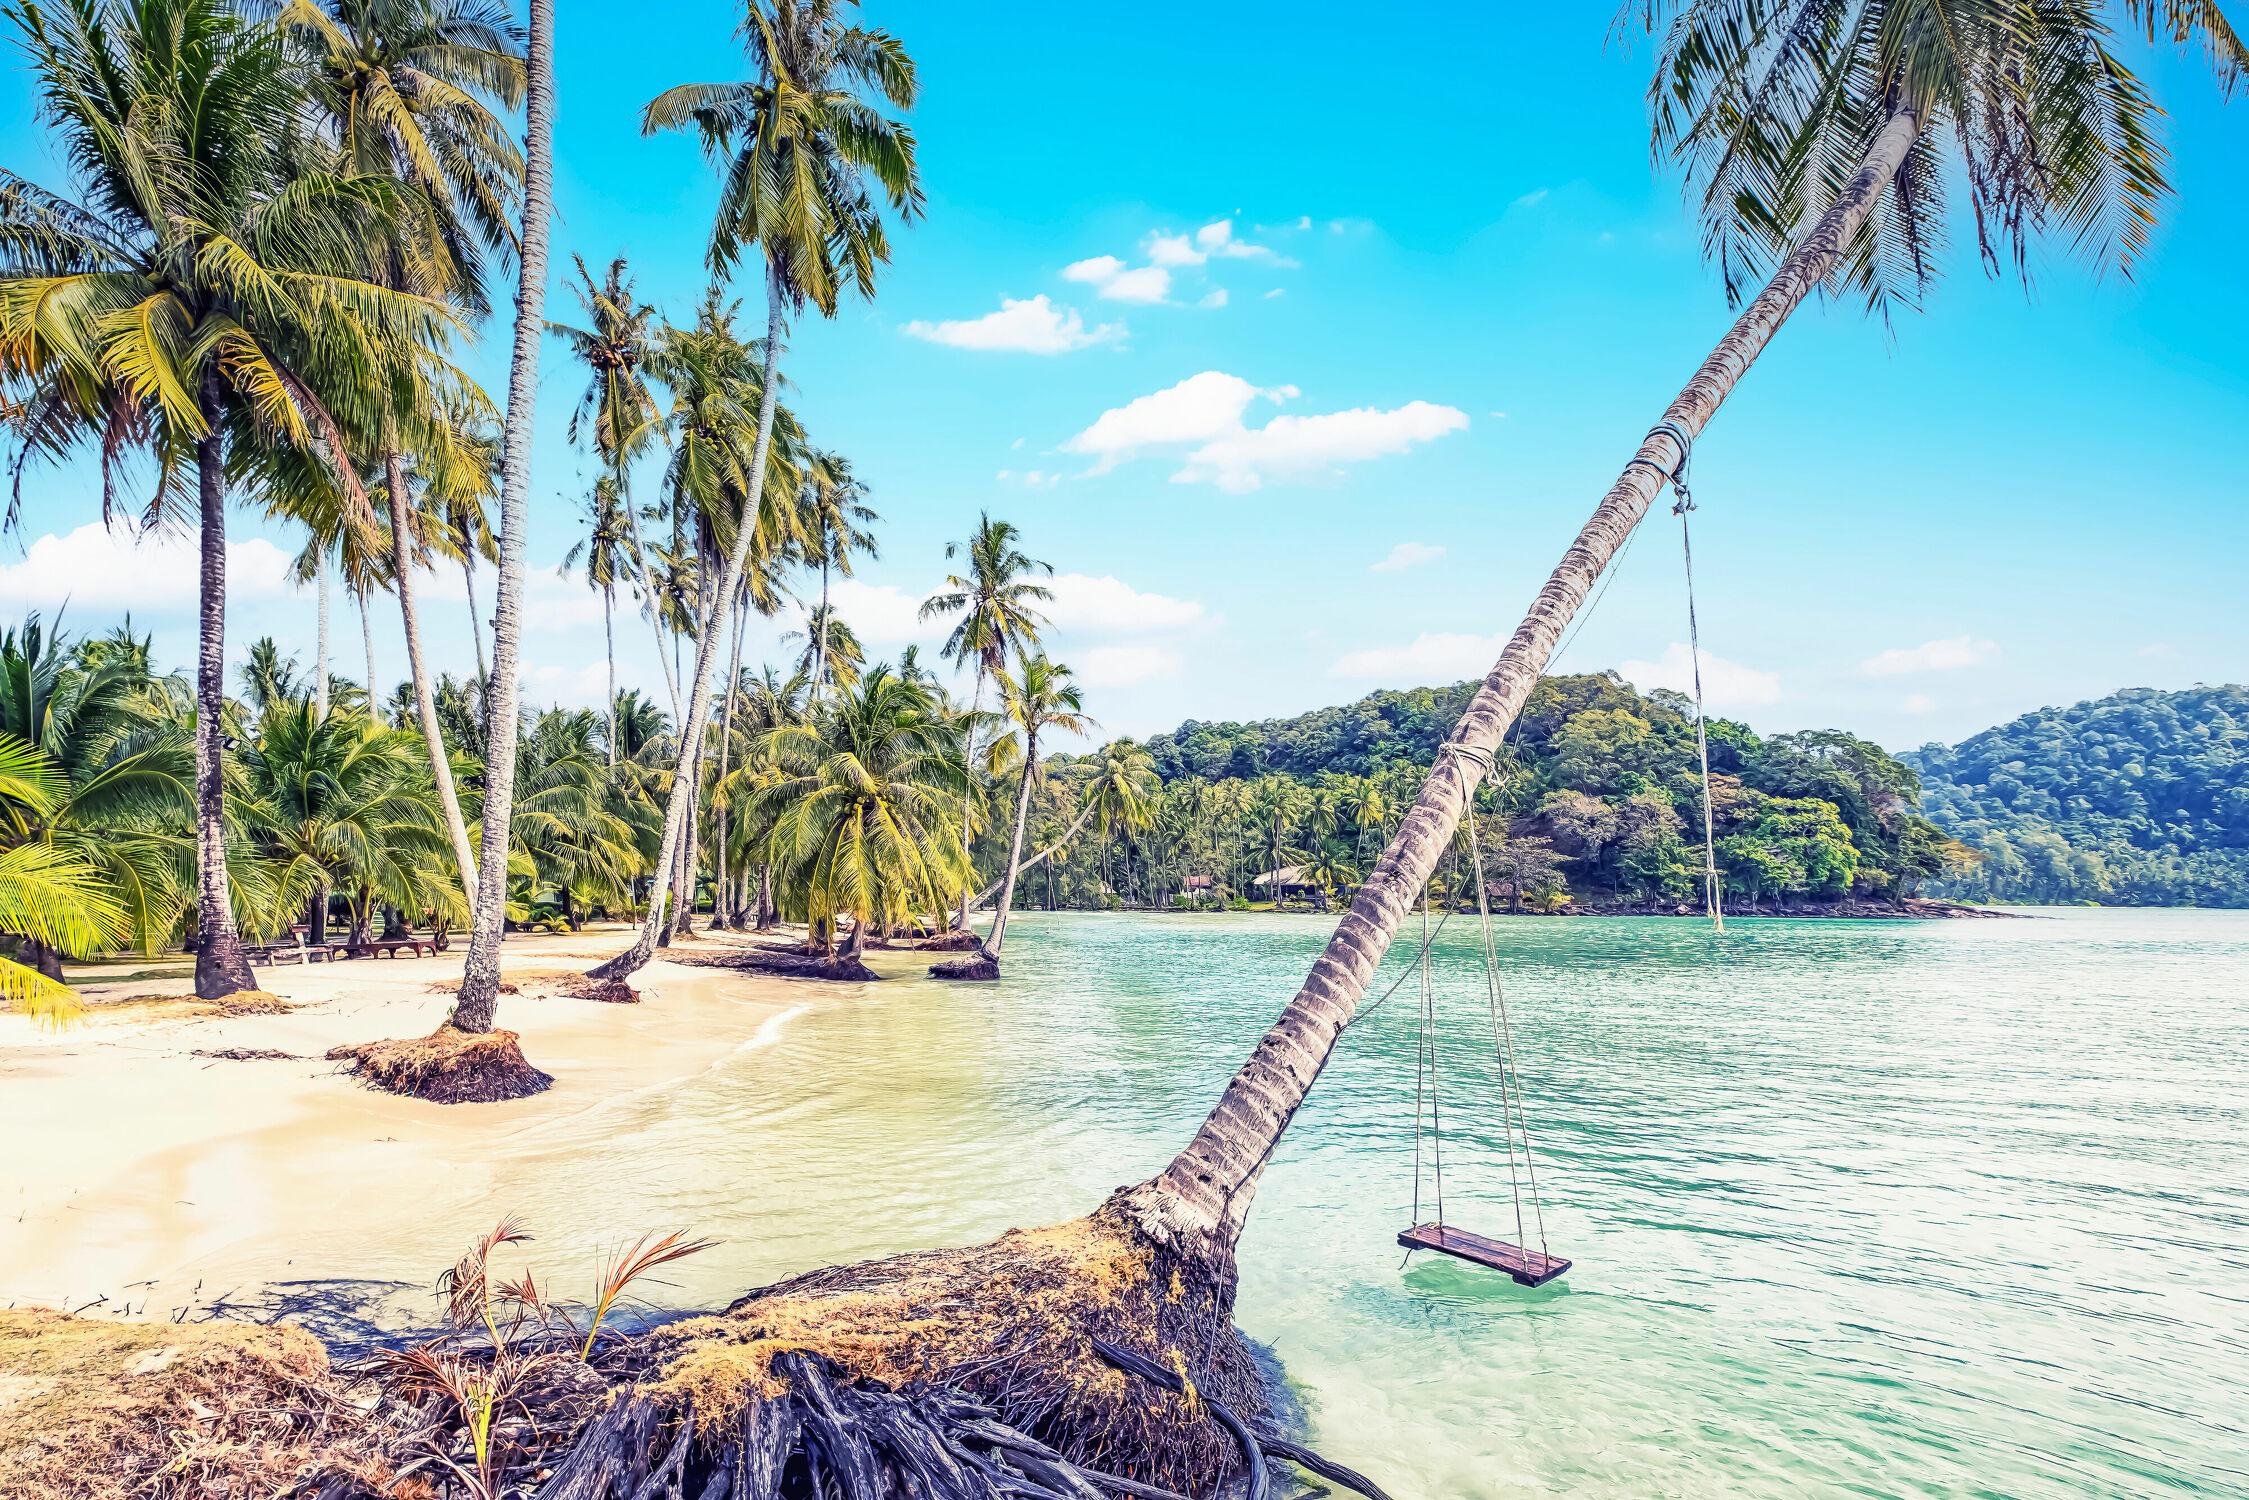 Bild mit Strände, Palmen, Inseln, Meerblick, Insel, asien, südostasien, Bucht, Thailand, Koh Kood